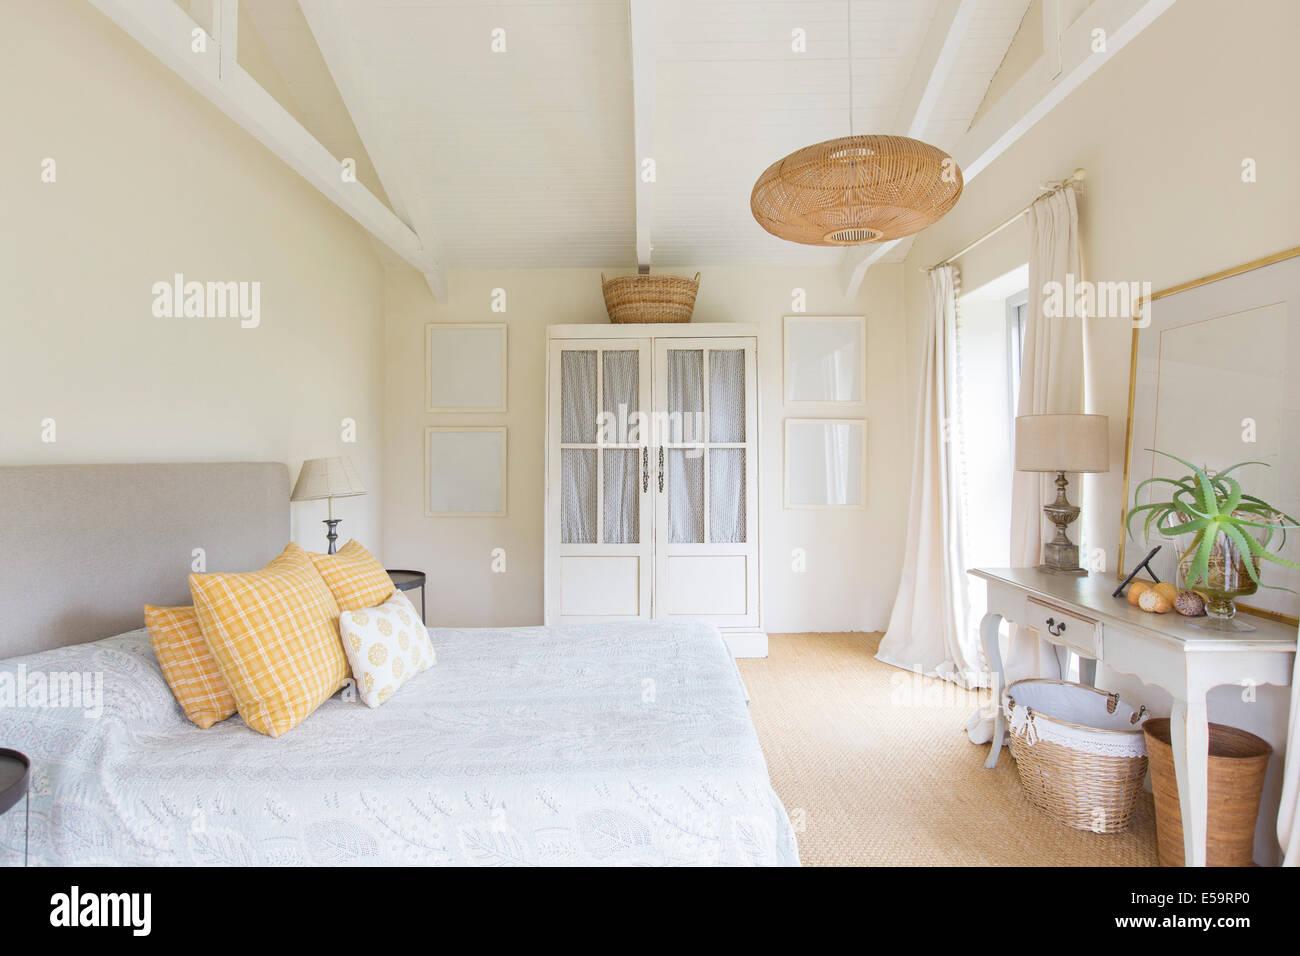 La cama y el armario en dormitorio de casa rústica Imagen De Stock